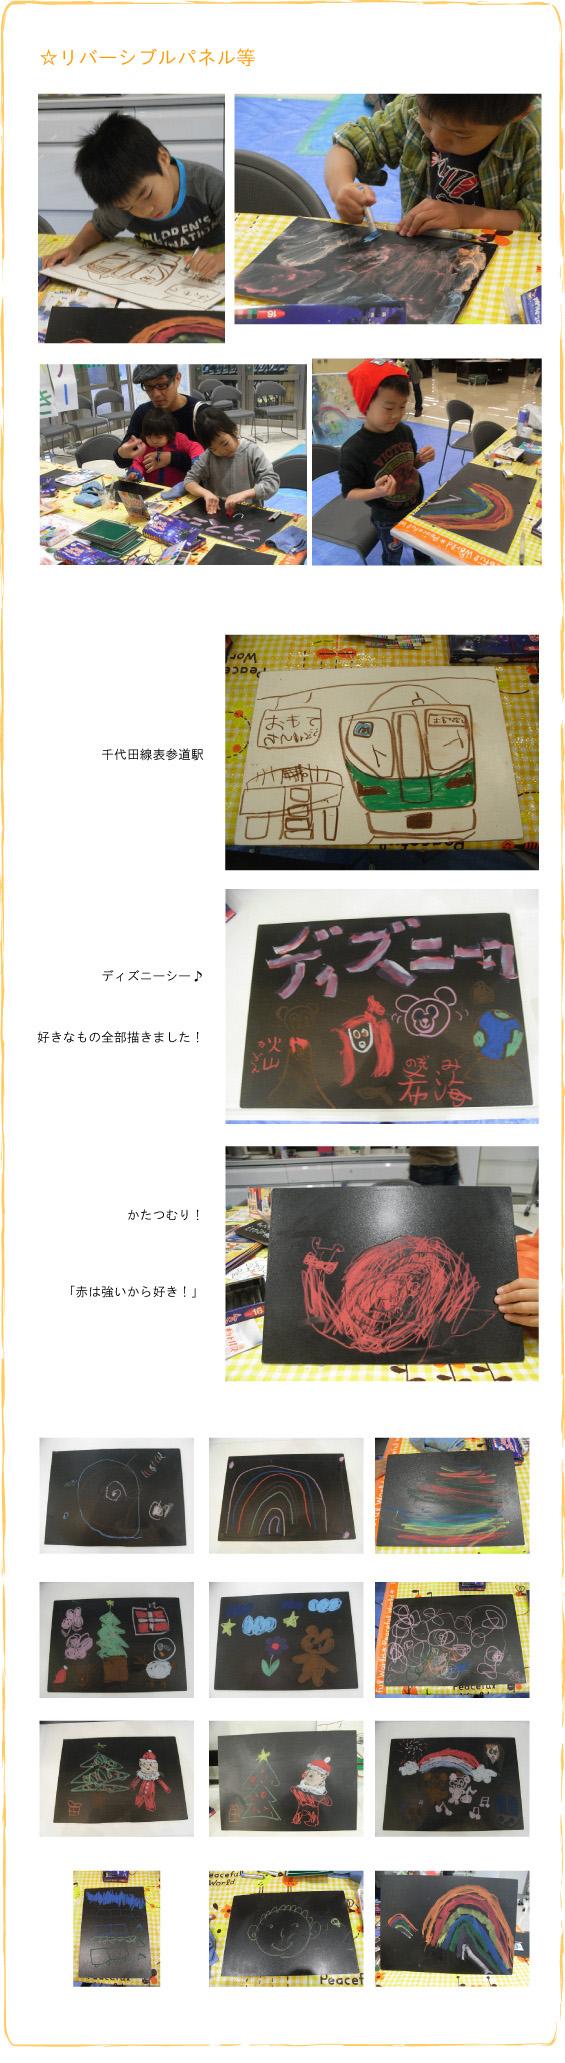 サミットストア成城店でキットパスお絵かきイベント第2弾を開催しました(2011年12月17日)